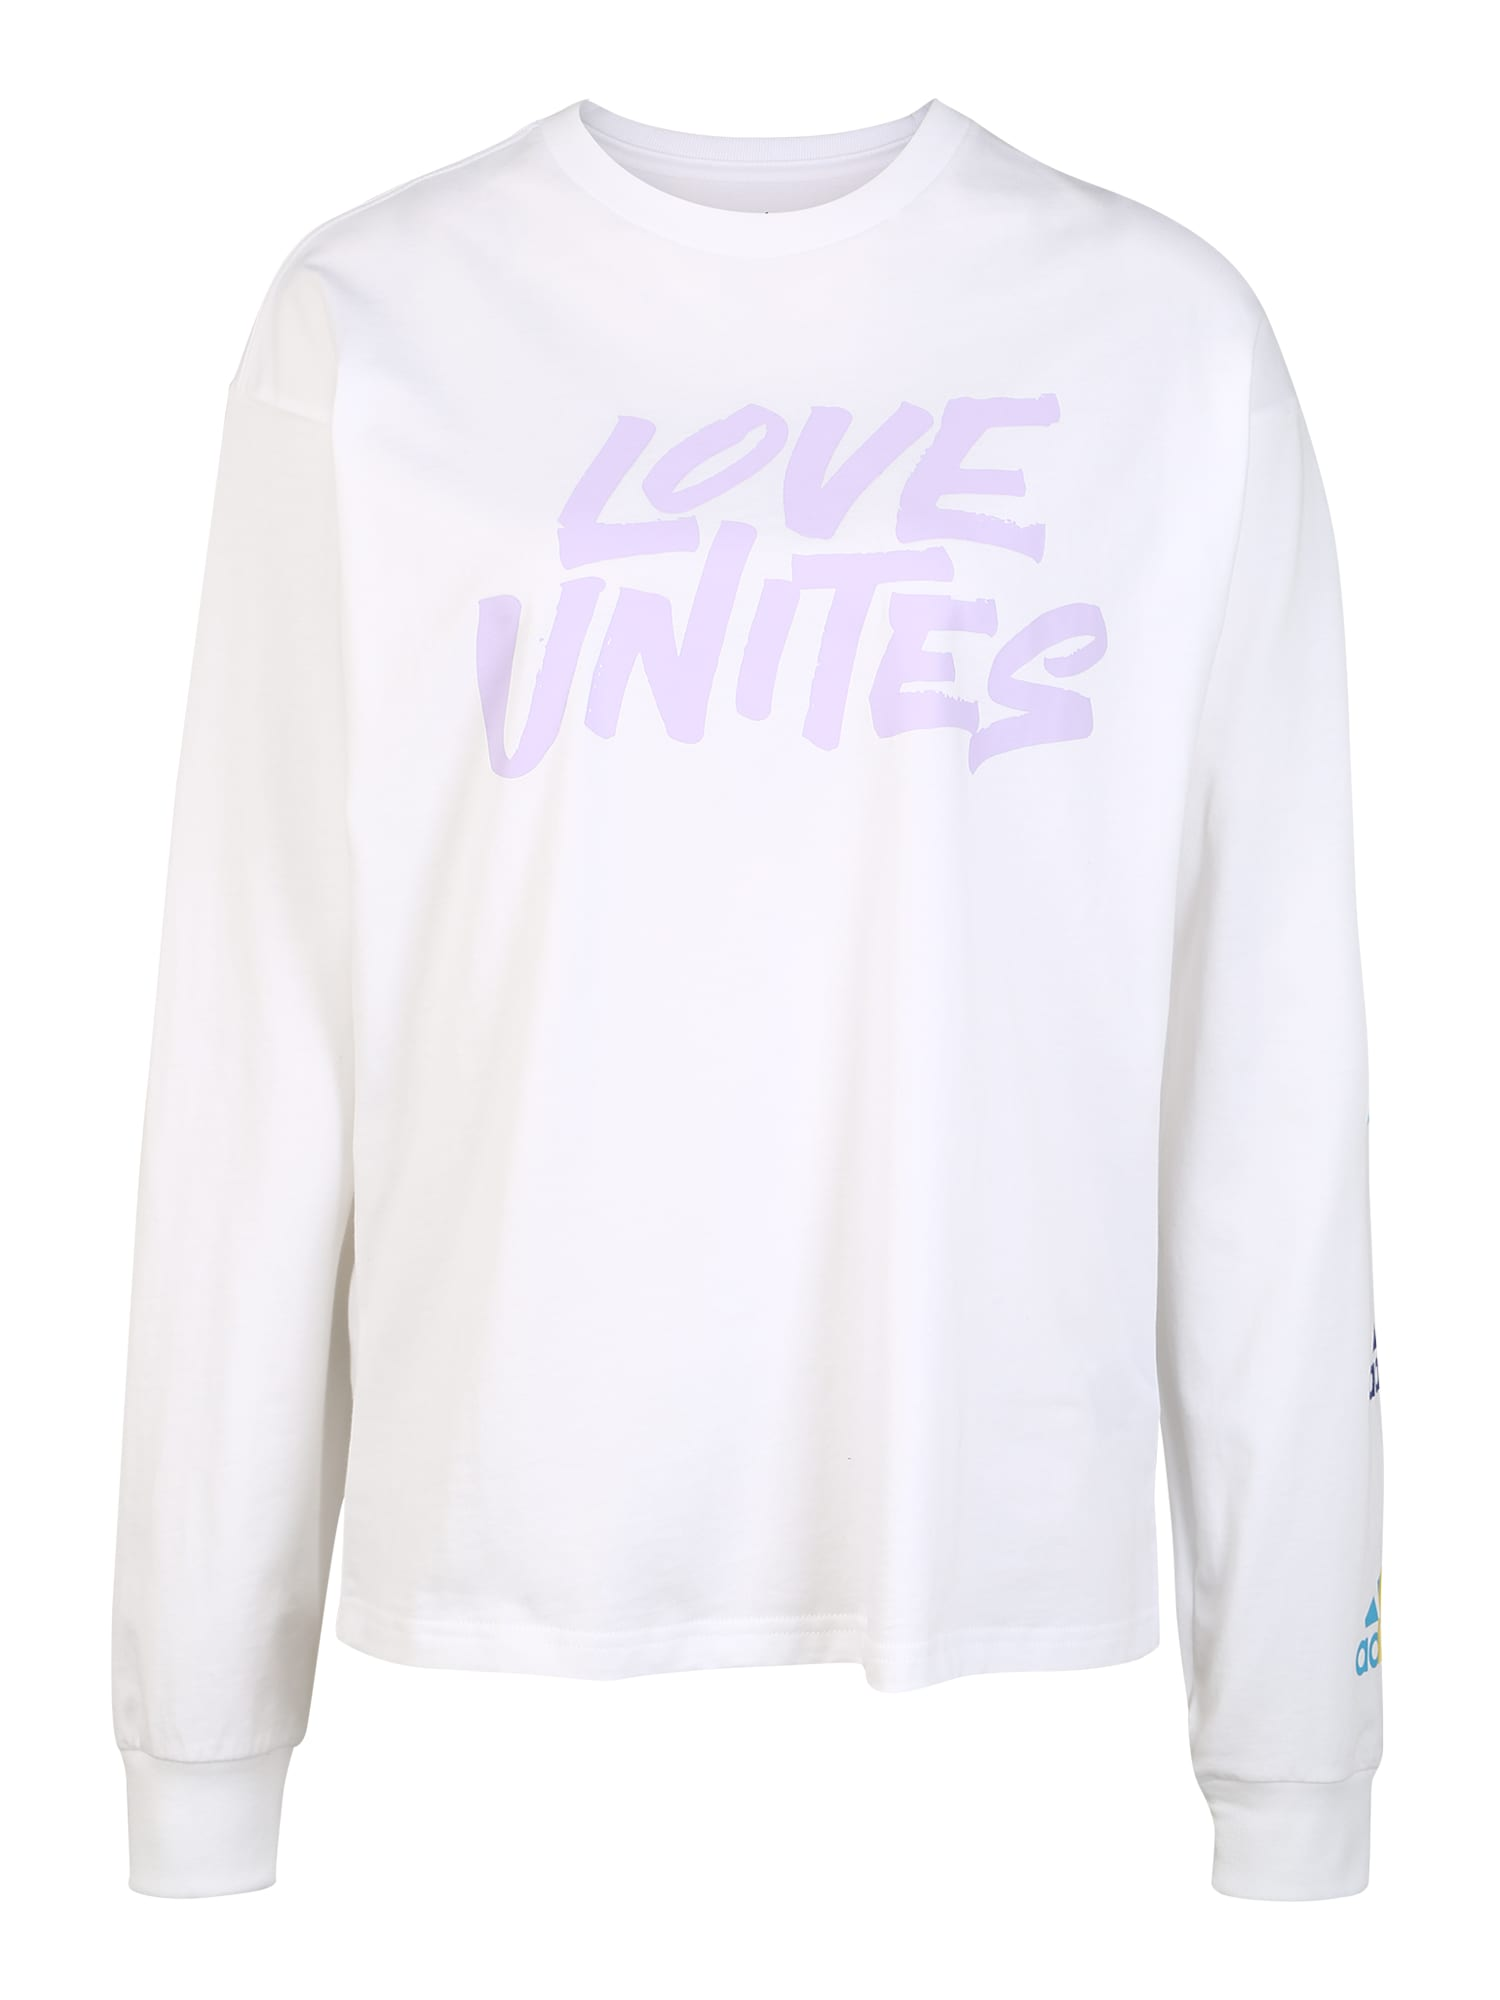 ADIDAS PERFORMANCE Sportinio tipo megztinis alyvinė spalva / balta